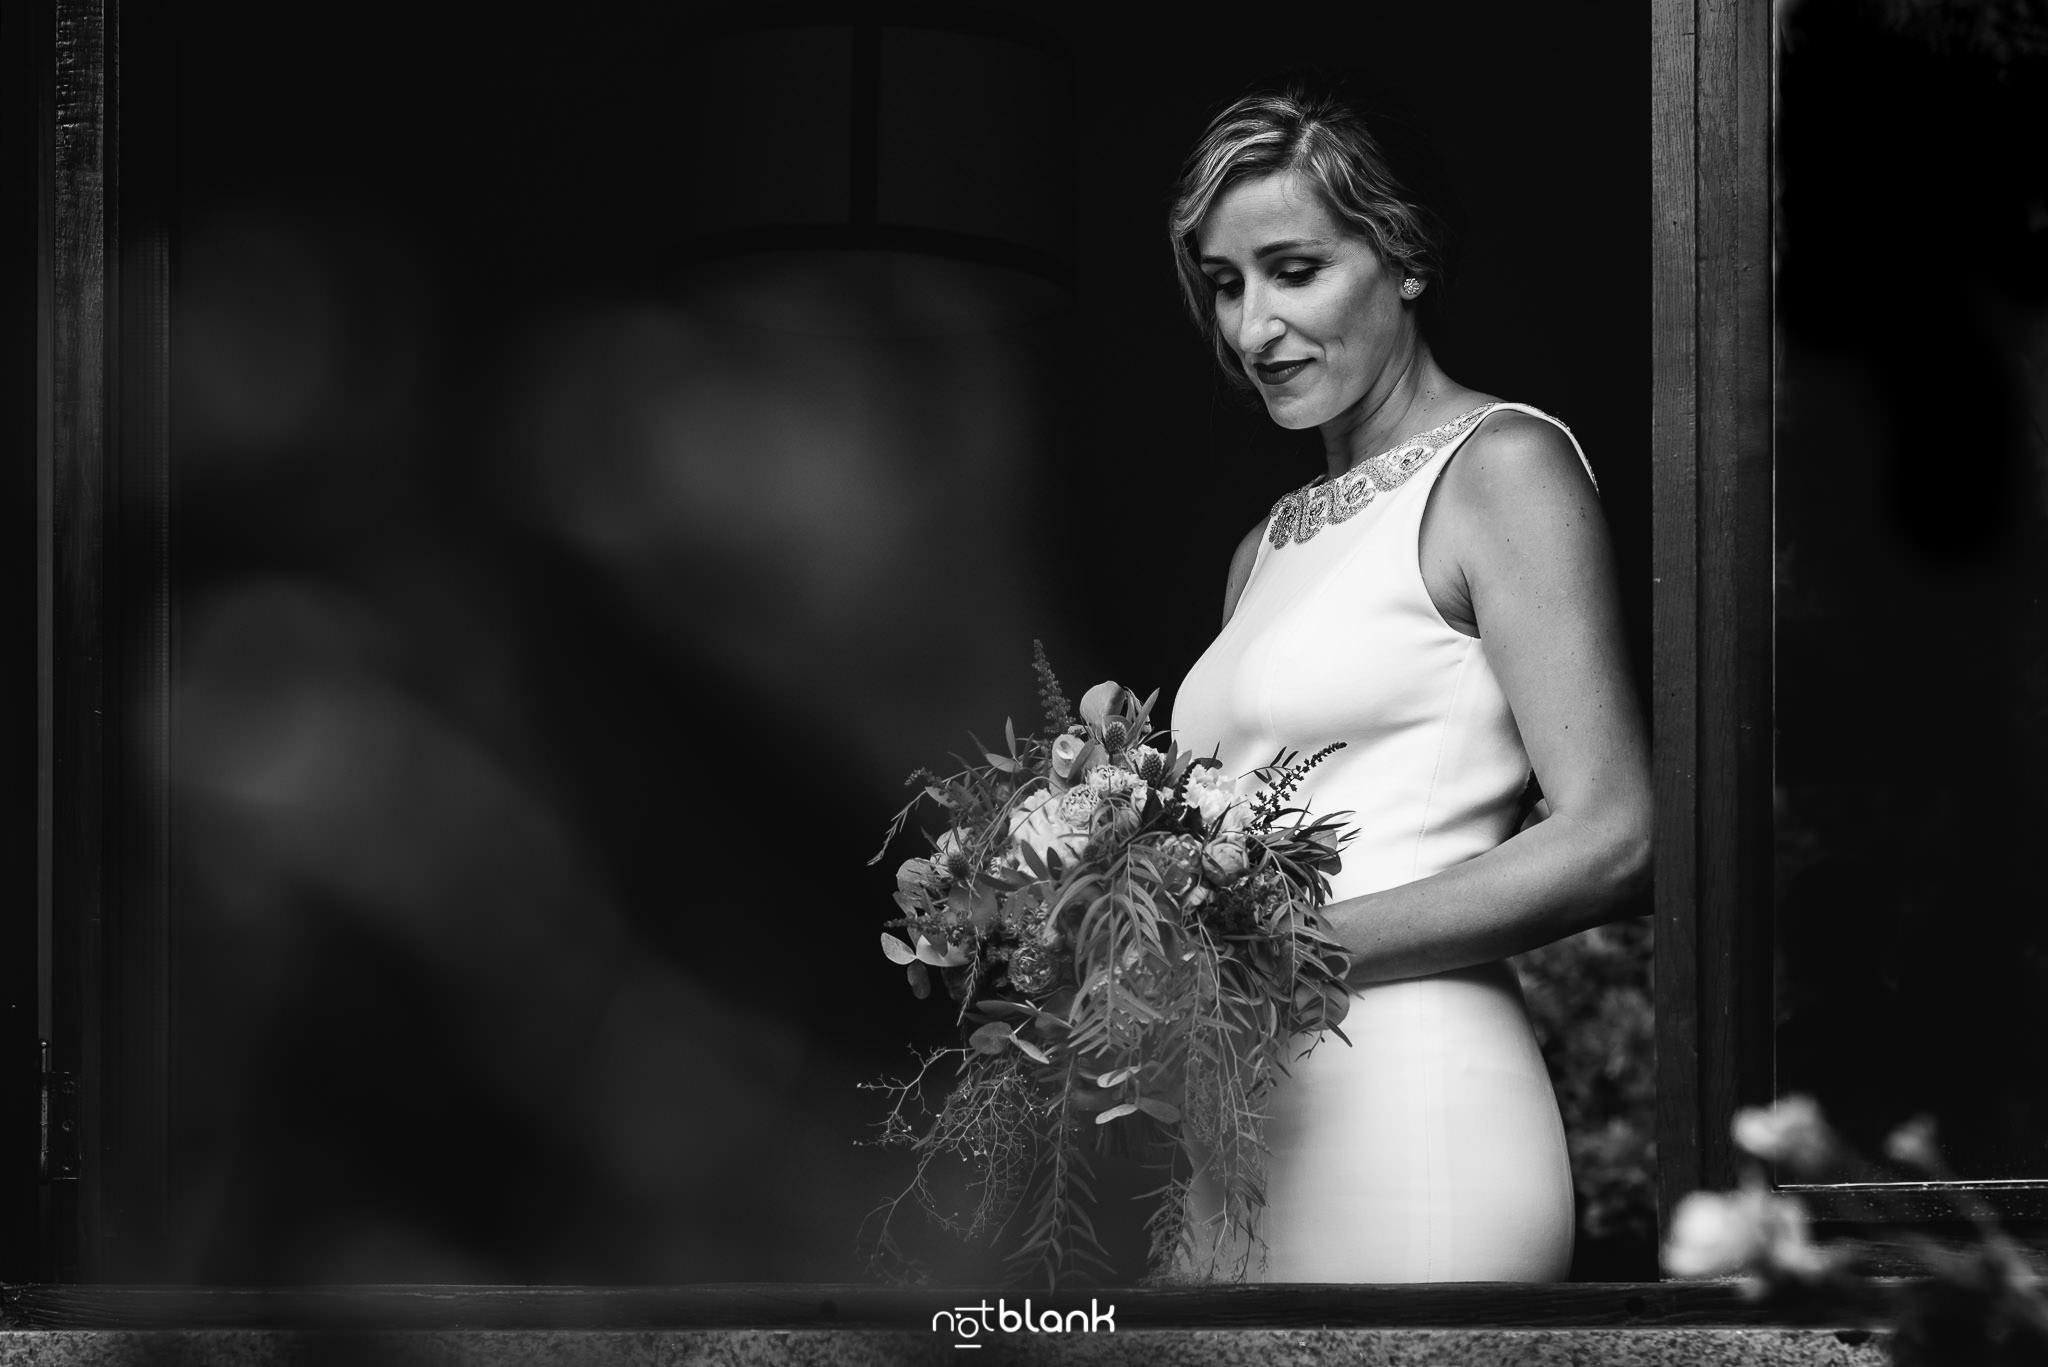 Boda En El Jardin De Casa Jana y Fran - Retrato de la novia en casa de sus padres con el ramo en las manos - Notblank Fotografos de boda